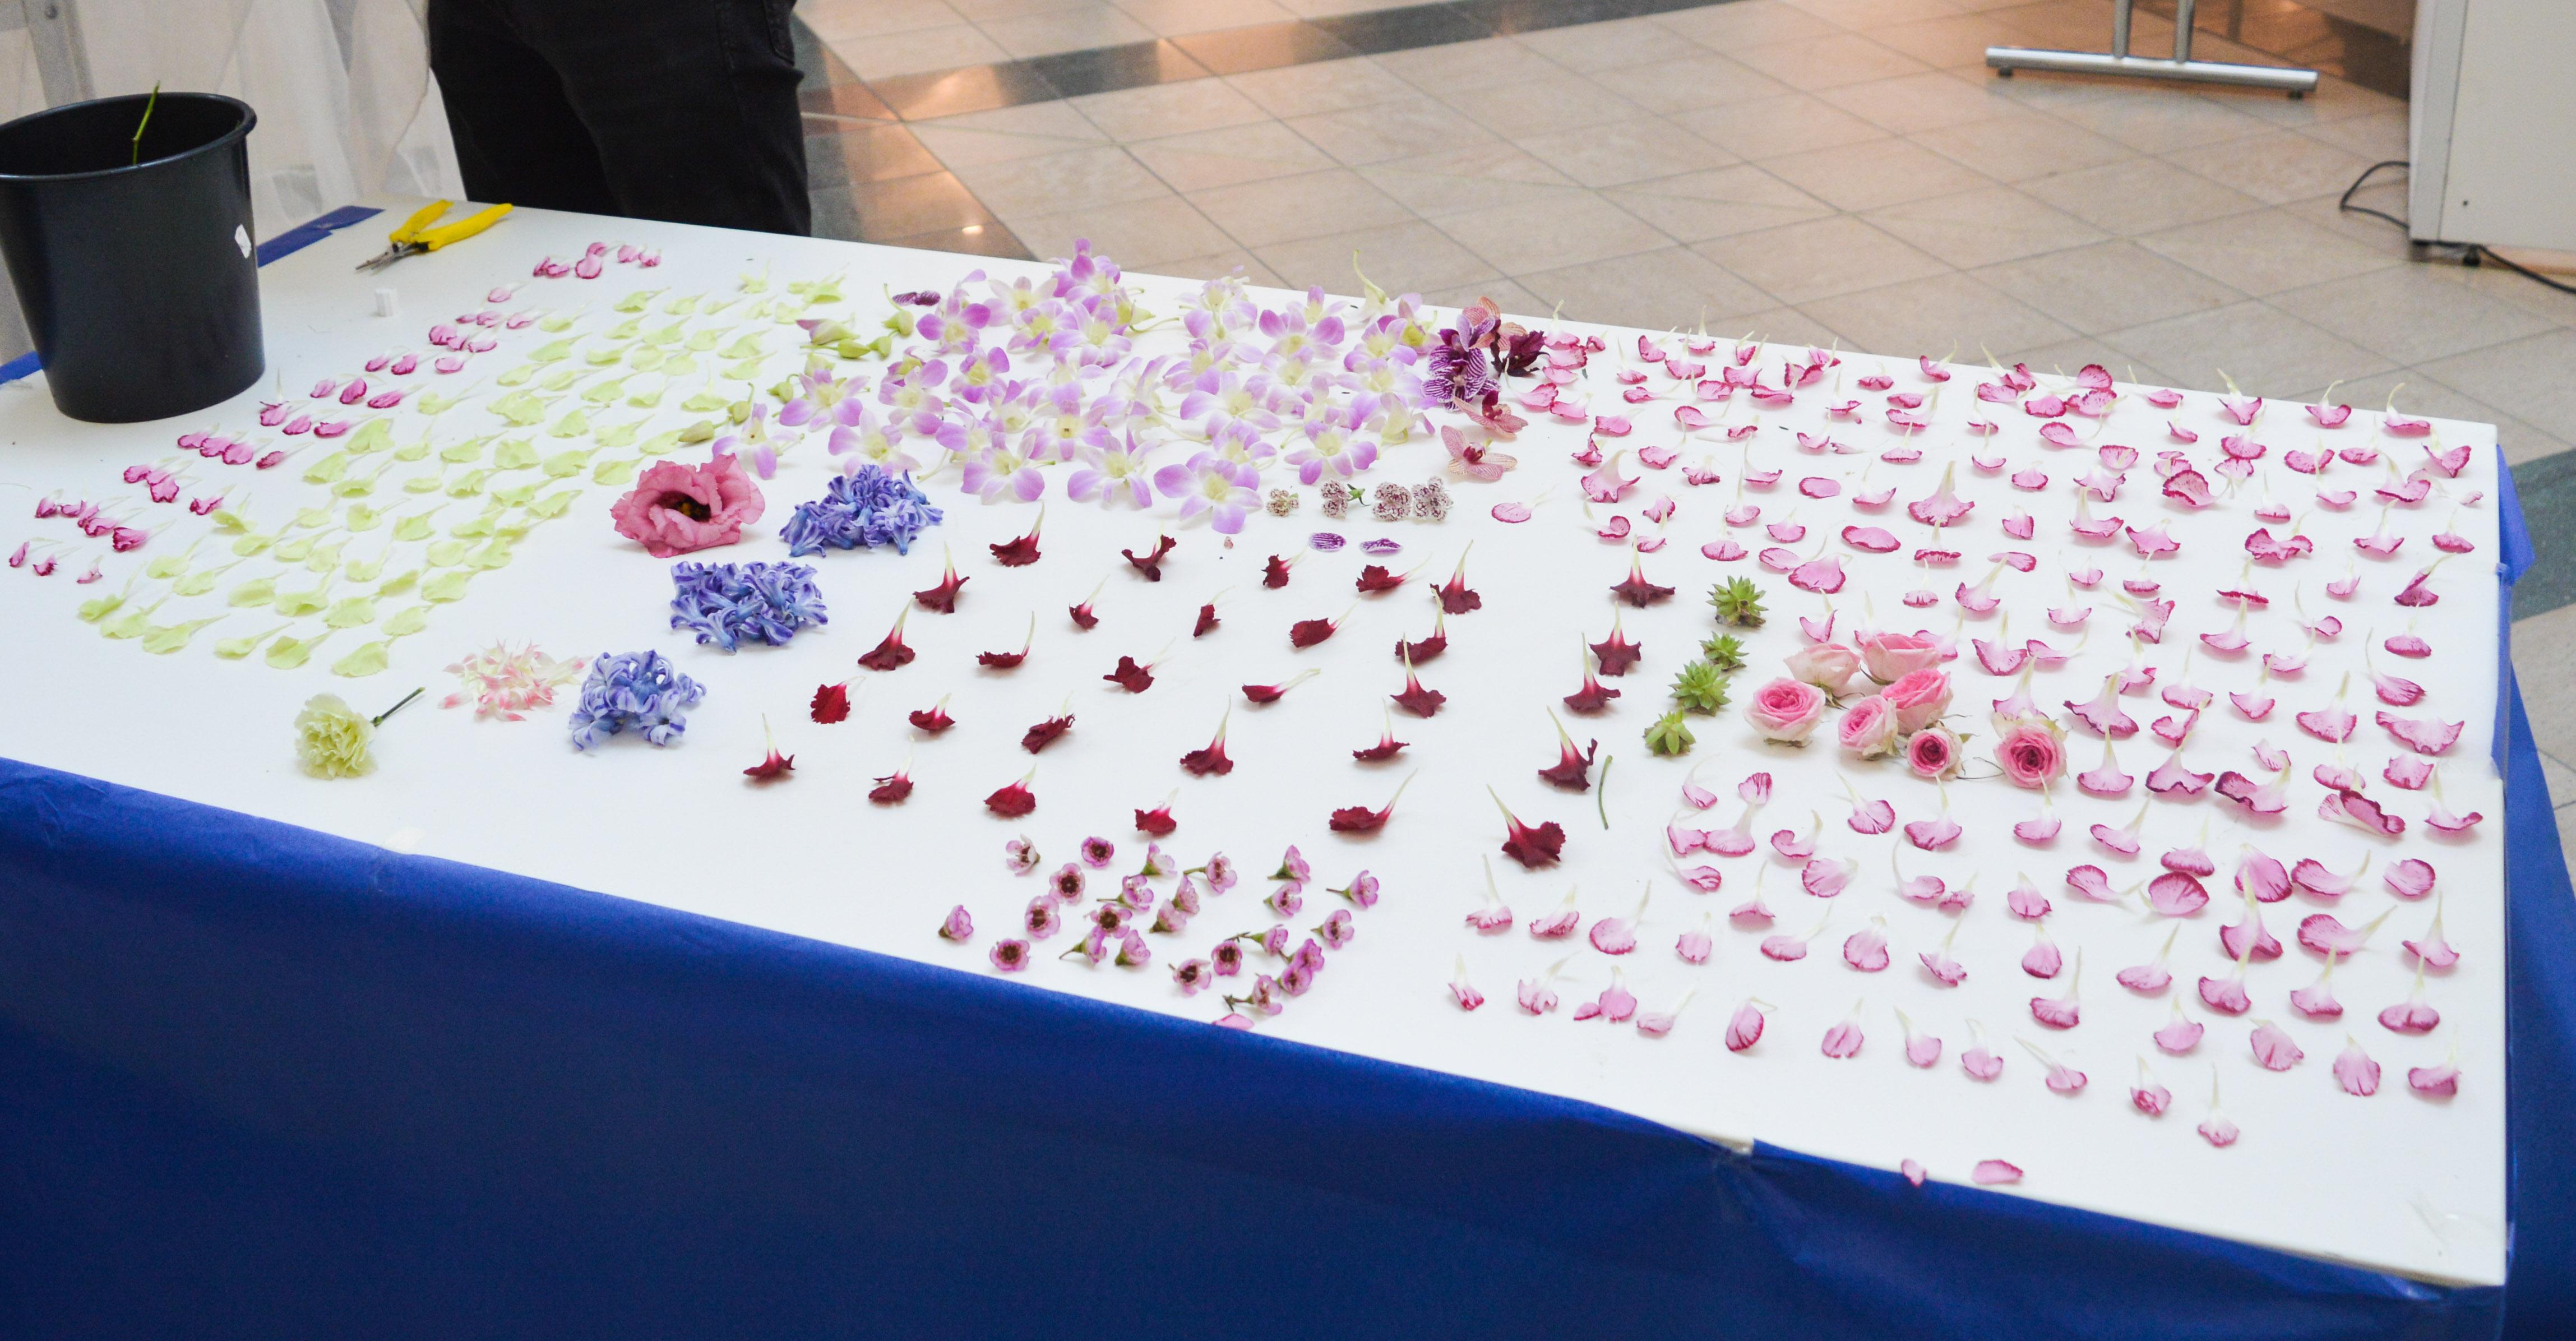 Florist_Geschäft_des_Jahres16-35